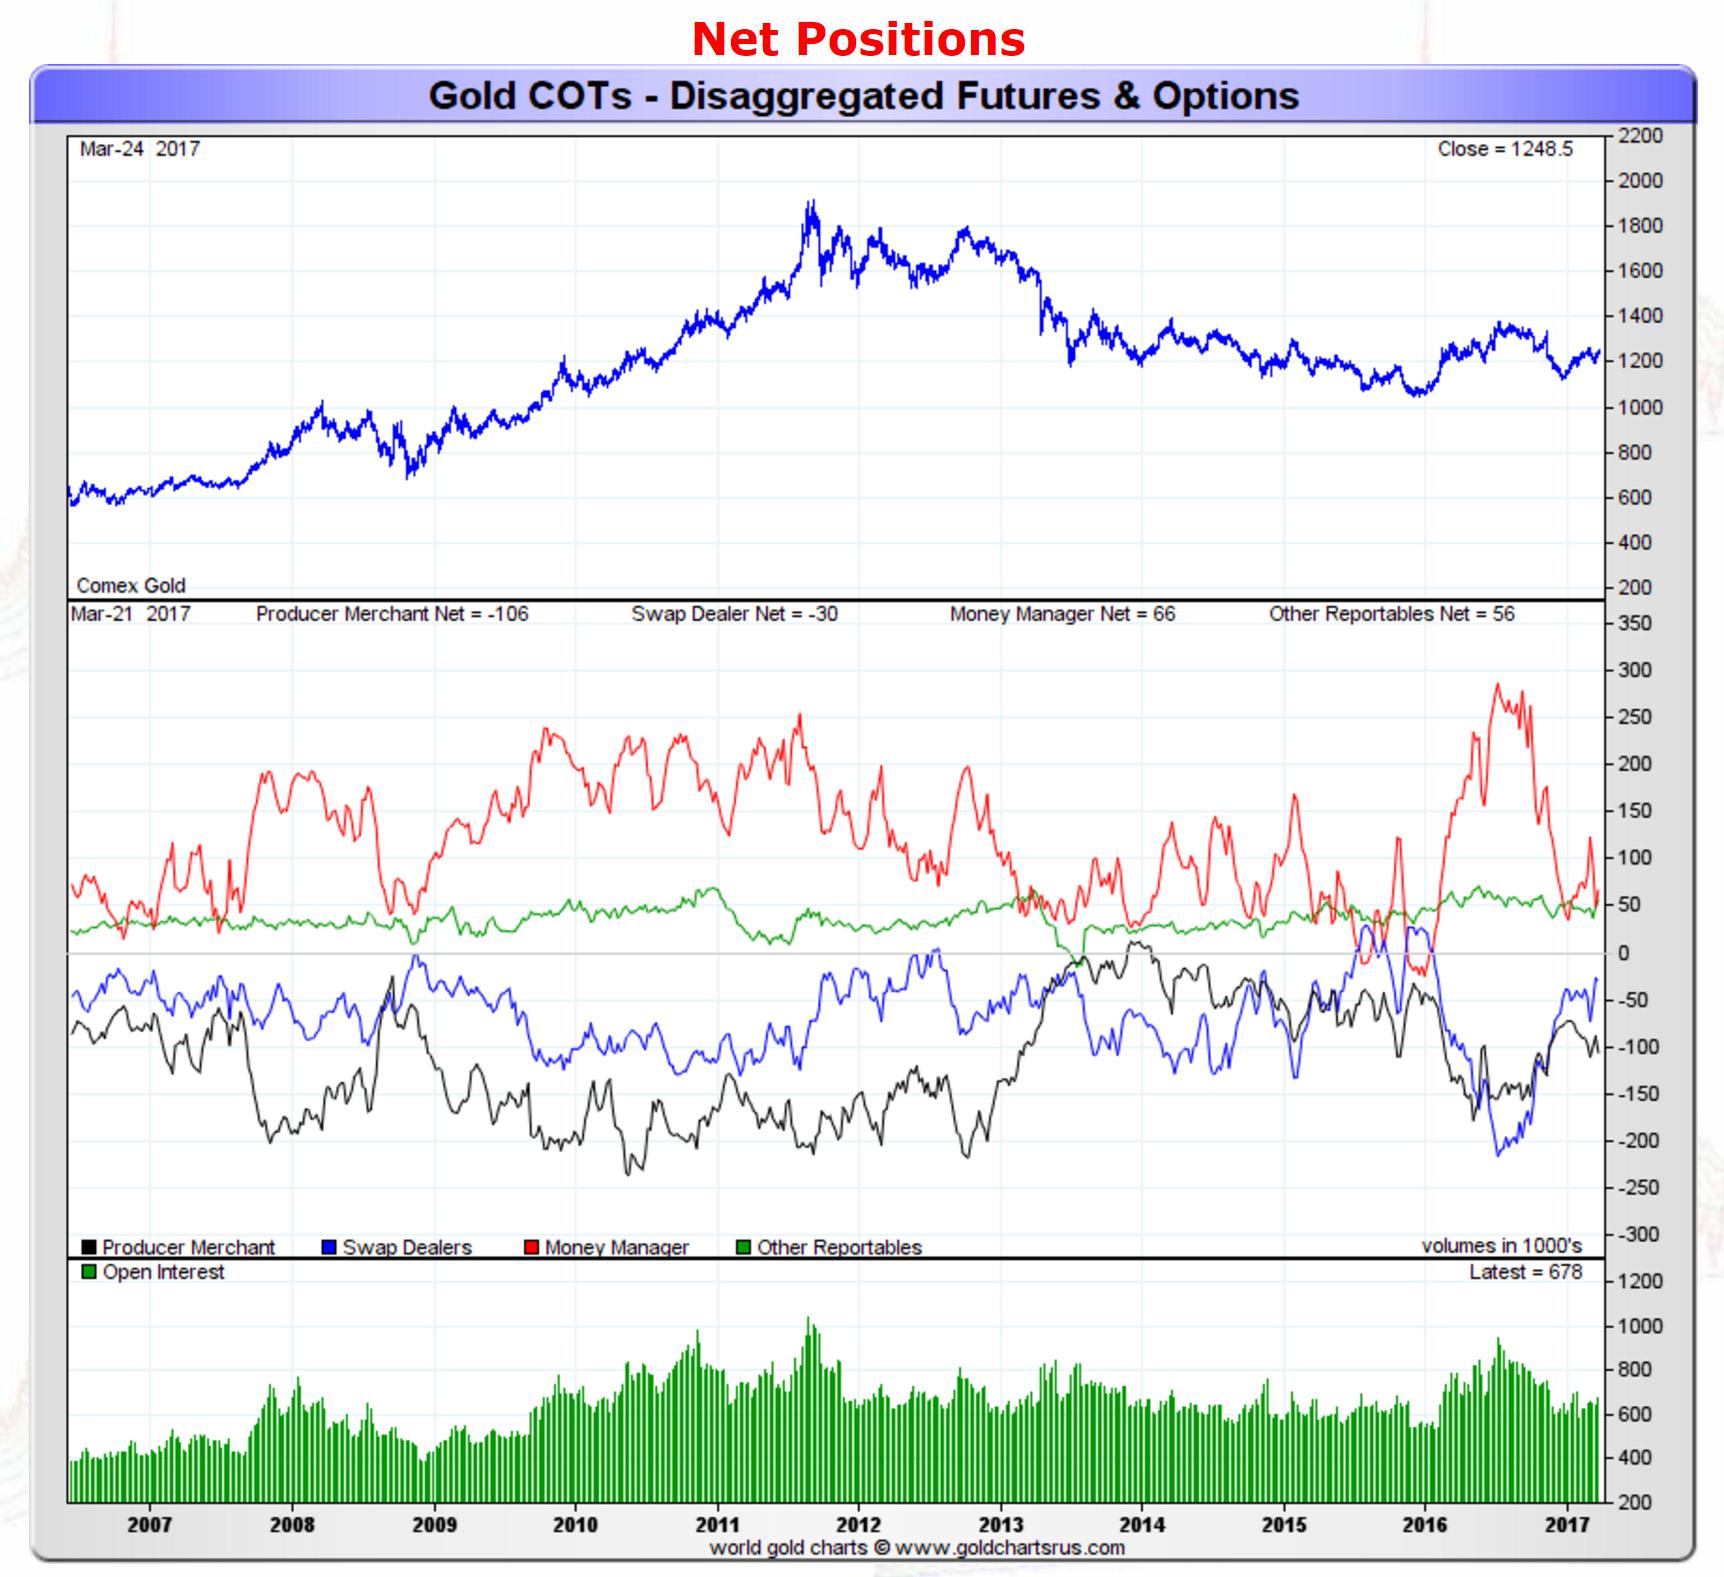 黃金上周大漲背後多空投機資金罕見同時增倉